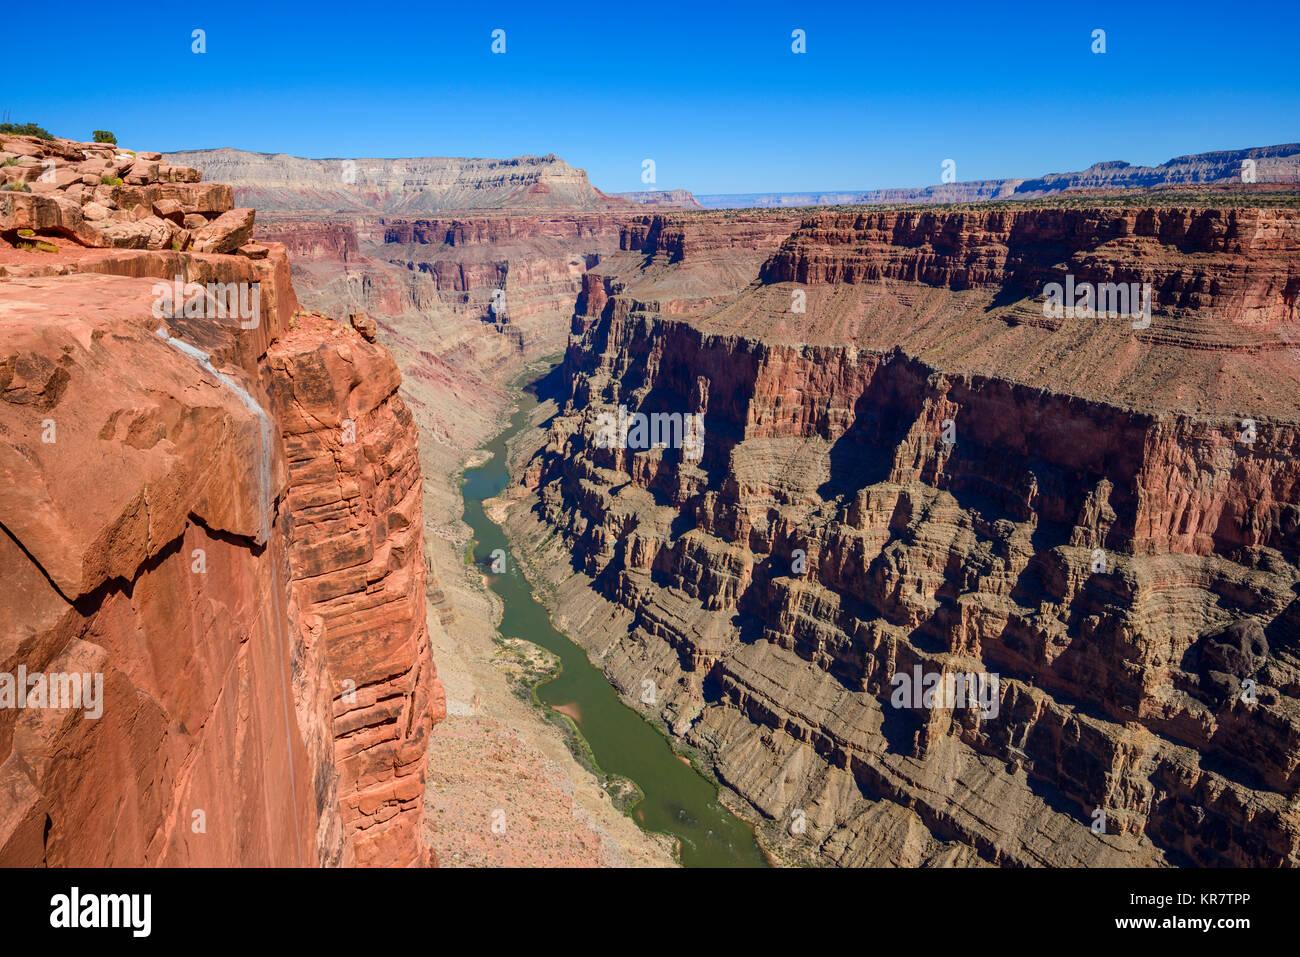 Toroweap Mirador, Parque Nacional Gran Cañón en Arizona, Estados Unidos. Es 3000 pies por encima del Río Imagen De Stock